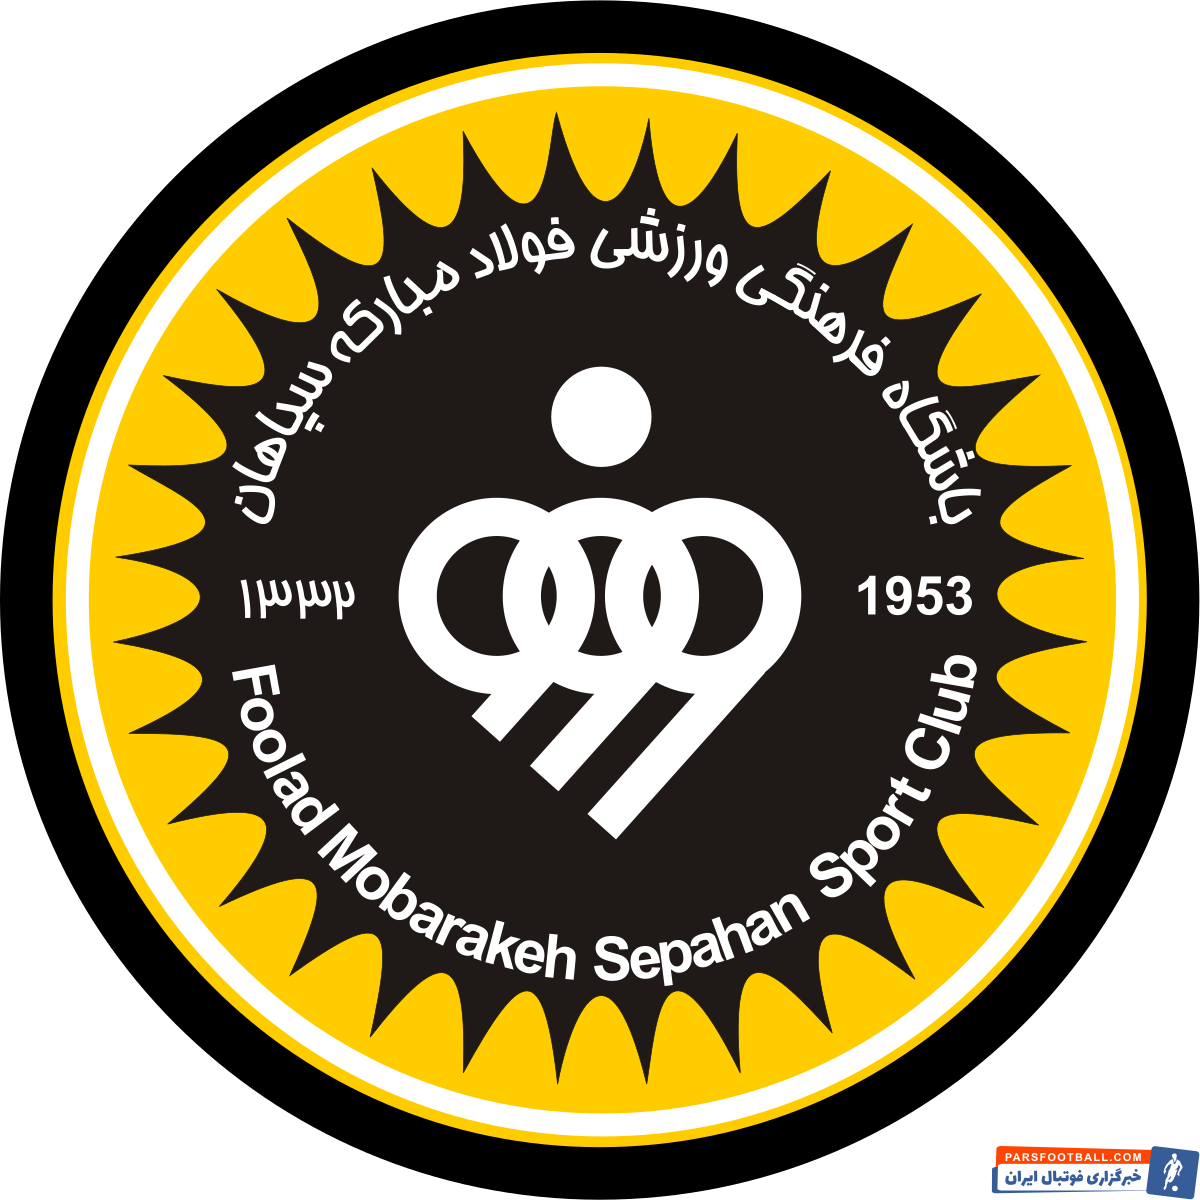 تیم فوتبال سپاهان امشب از ساعت ۲۲:۳۰ به وقت تهران در هفته سوم رقابت های لیگ قهرمانان آسیا به مصاف النصر عربستان میرود.